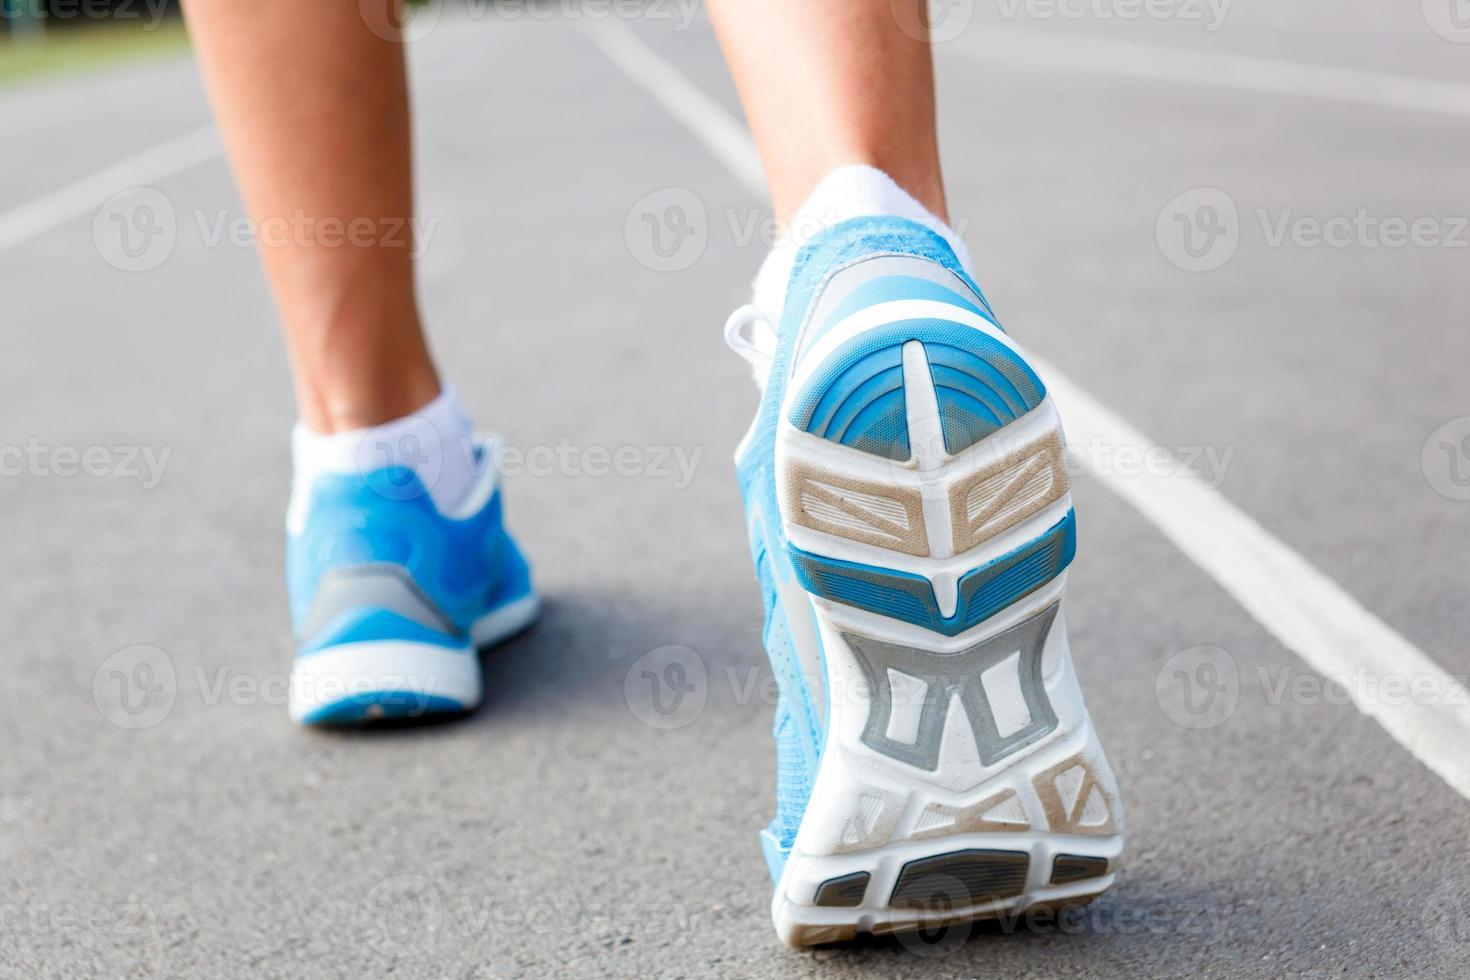 Nahaufnahme von Läufer Schuh - Laufkonzept. foto